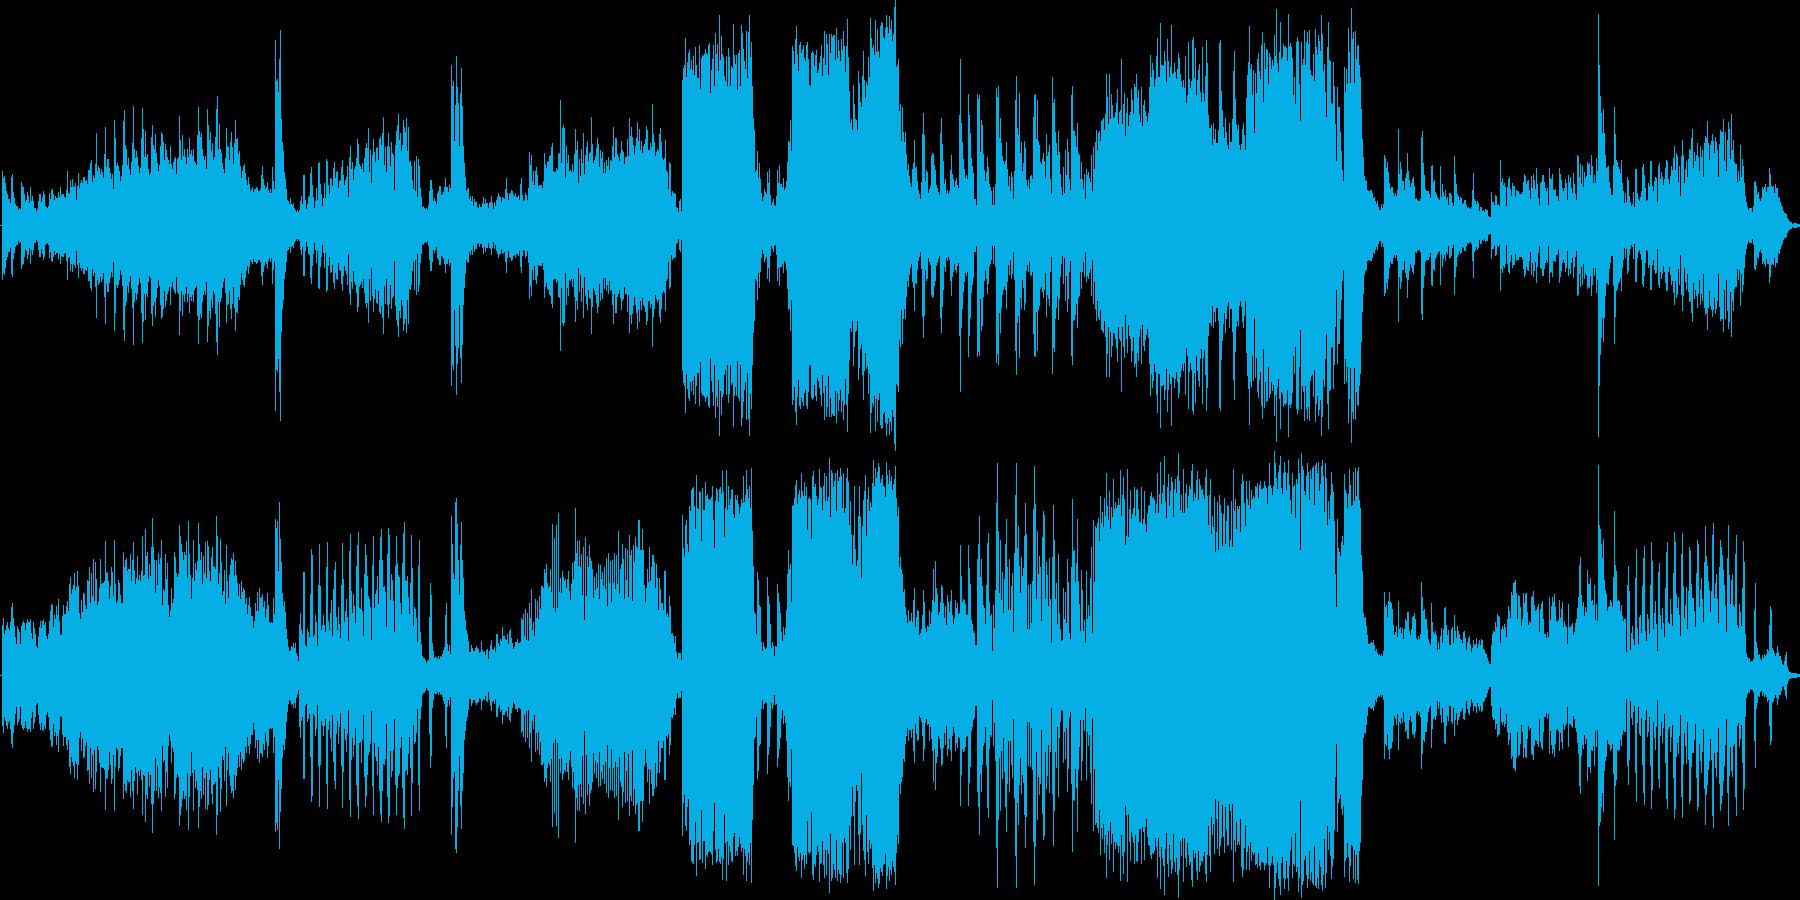 アクションスリラー音楽の再生済みの波形